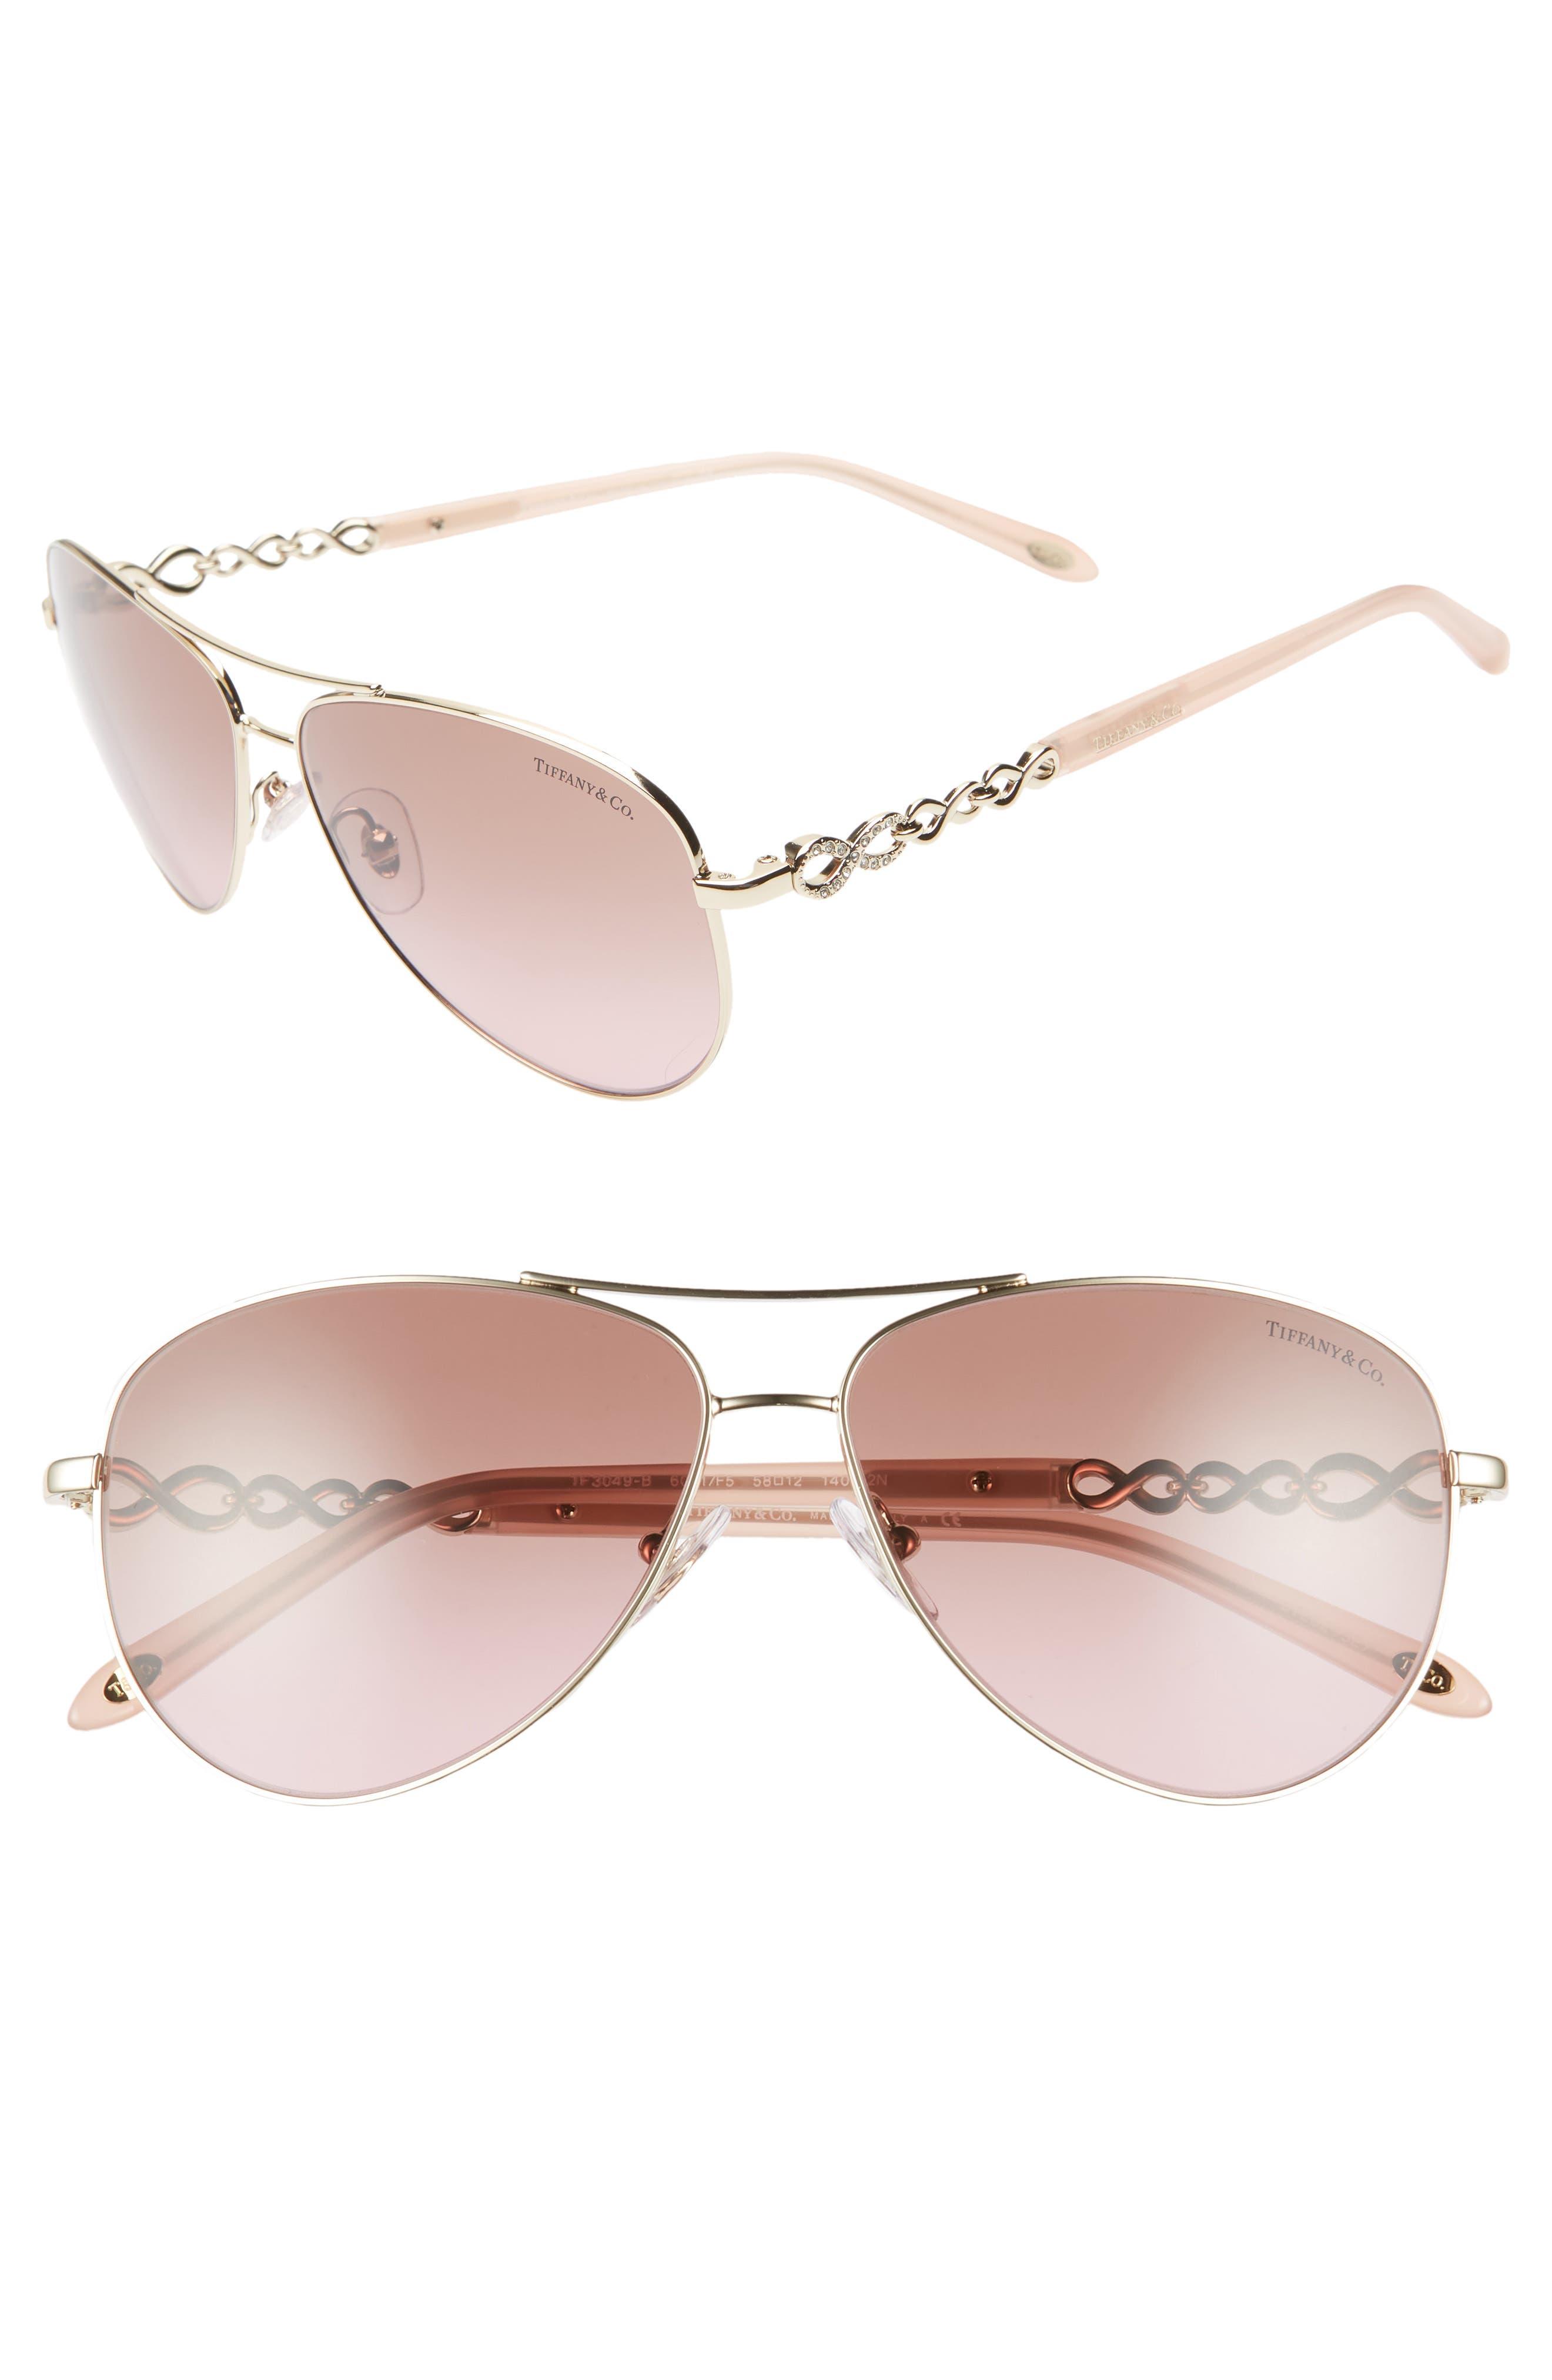 tiffany sunglasses   Compare Prices on GoSale.com a020854679